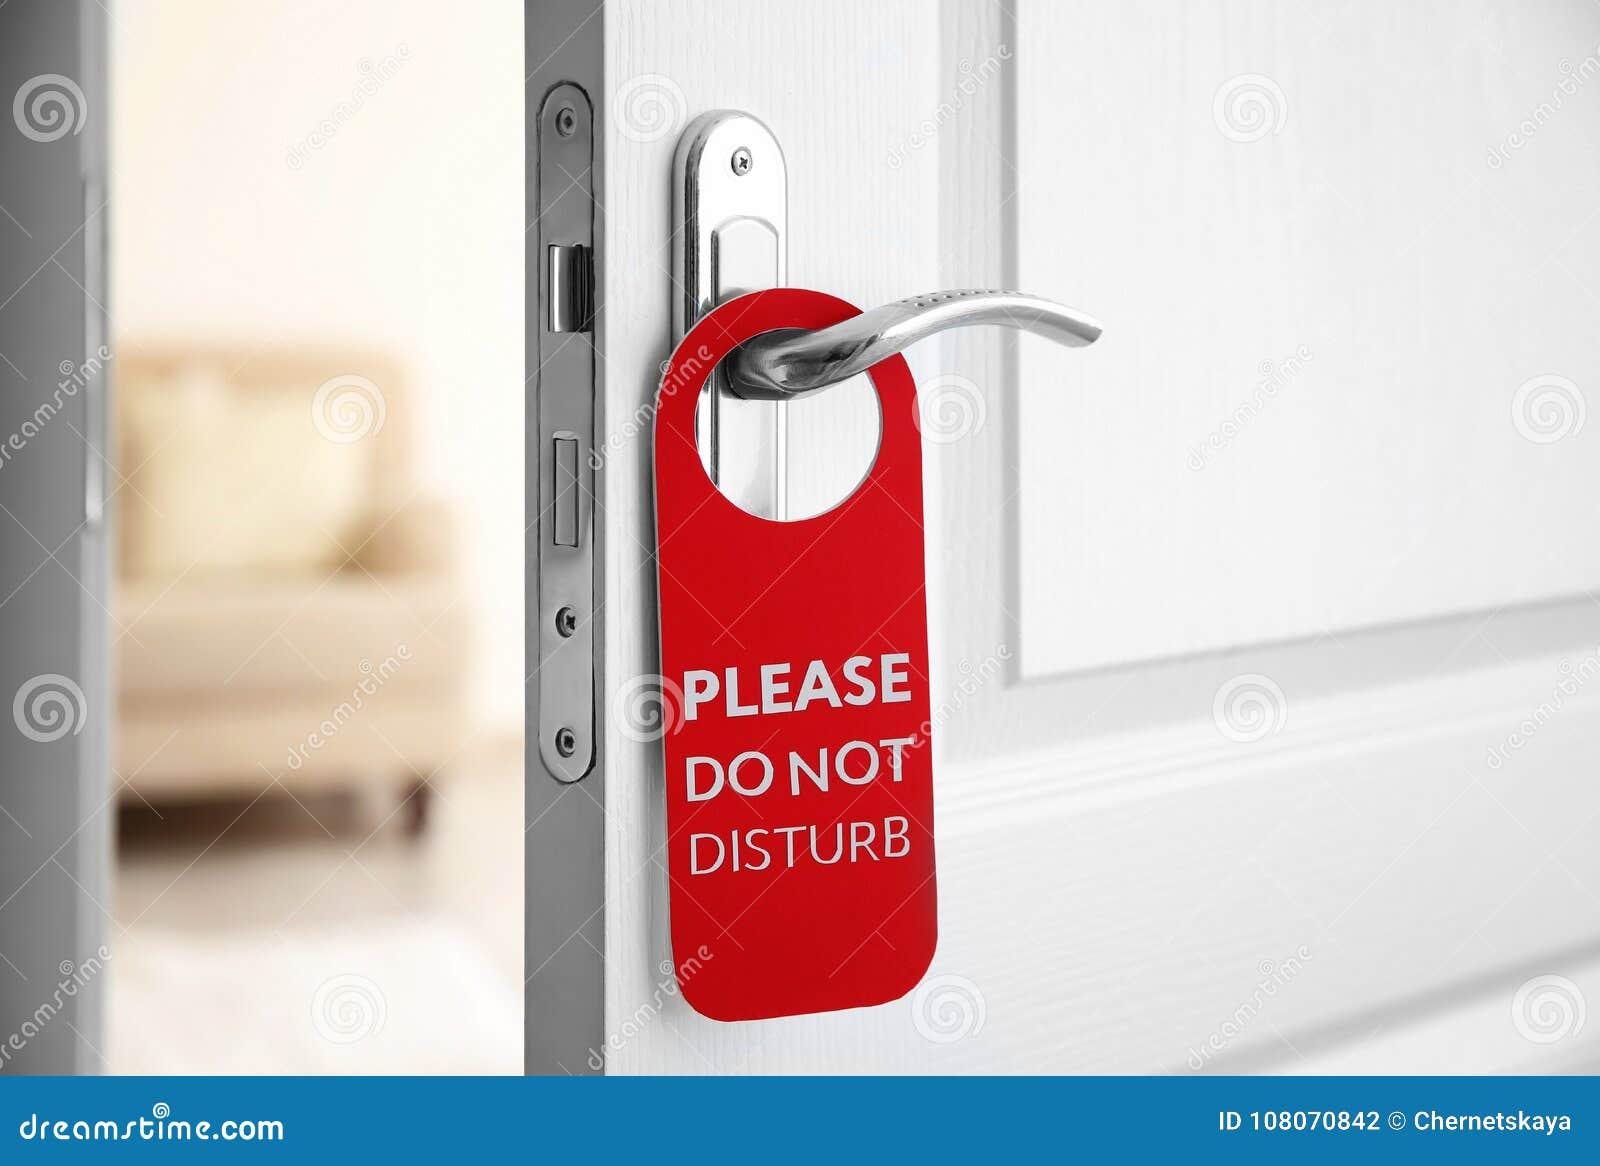 Open door with sign PLEASE DO NOT DISTURB